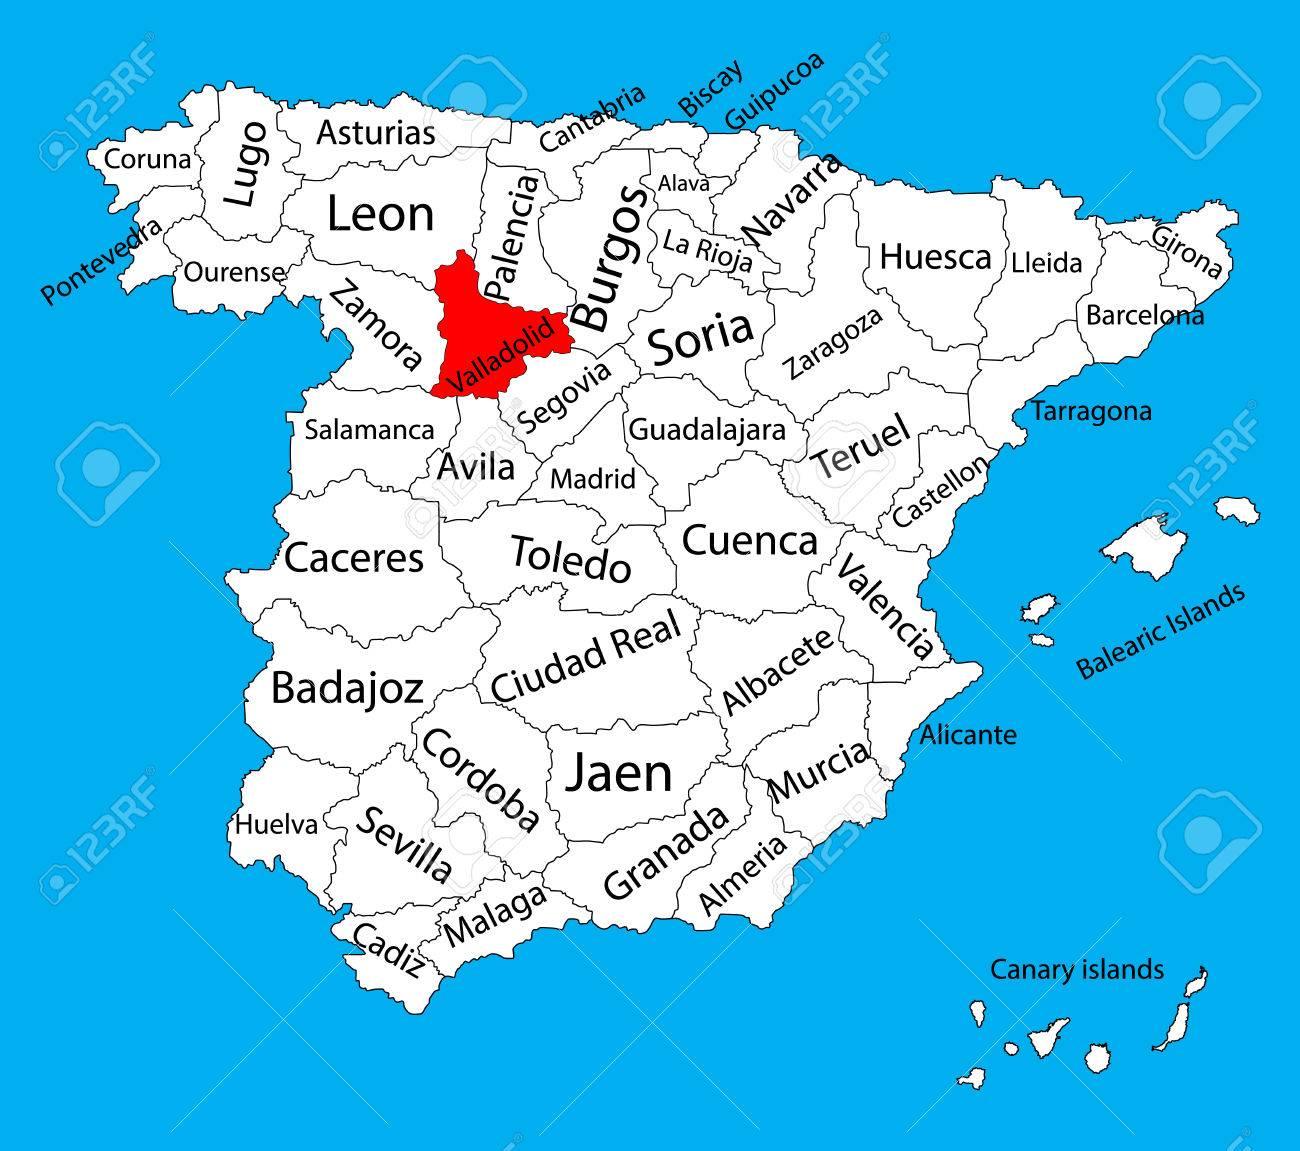 Provincia De Segovia Mapa.Valladolid Mapa Espana Mapa Vectorial De La Provincia Alto Mapa De Vectores Detallados De Espana Con Regiones Separadas Aisladas Sobre Fondo Mapa